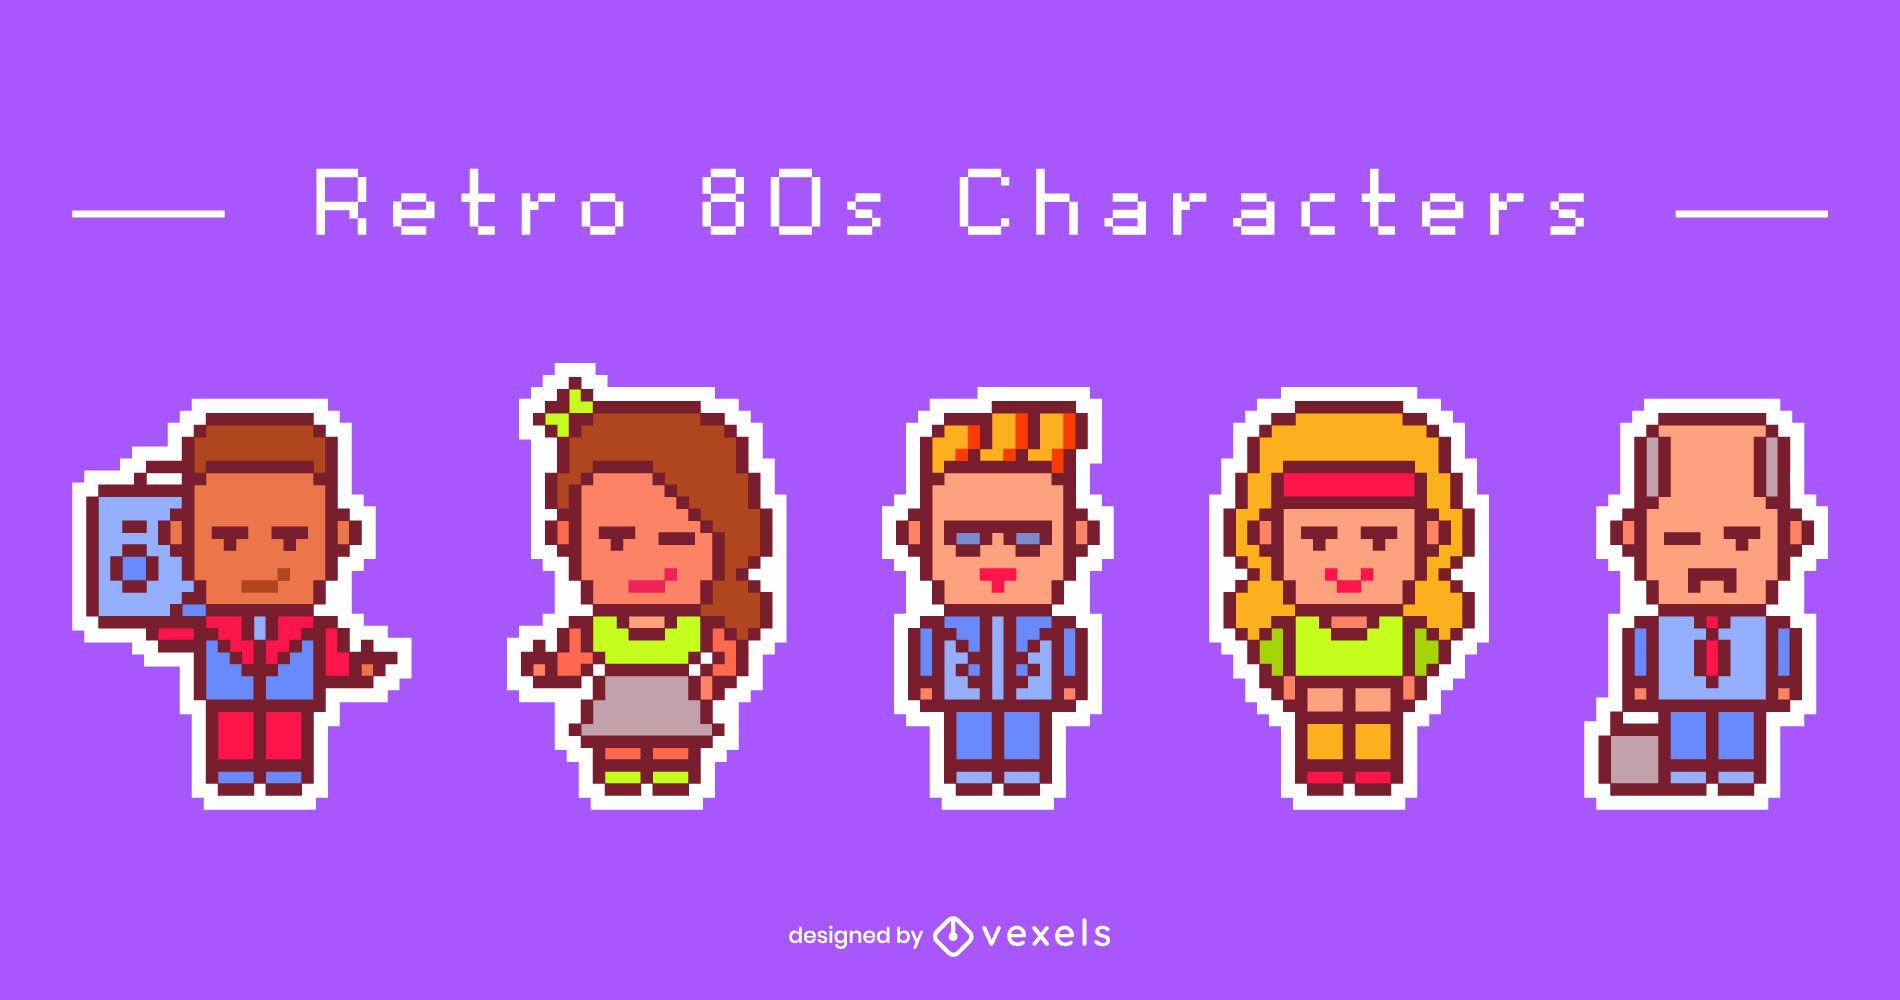 Personagens do conjunto retro pixel art dos anos 80